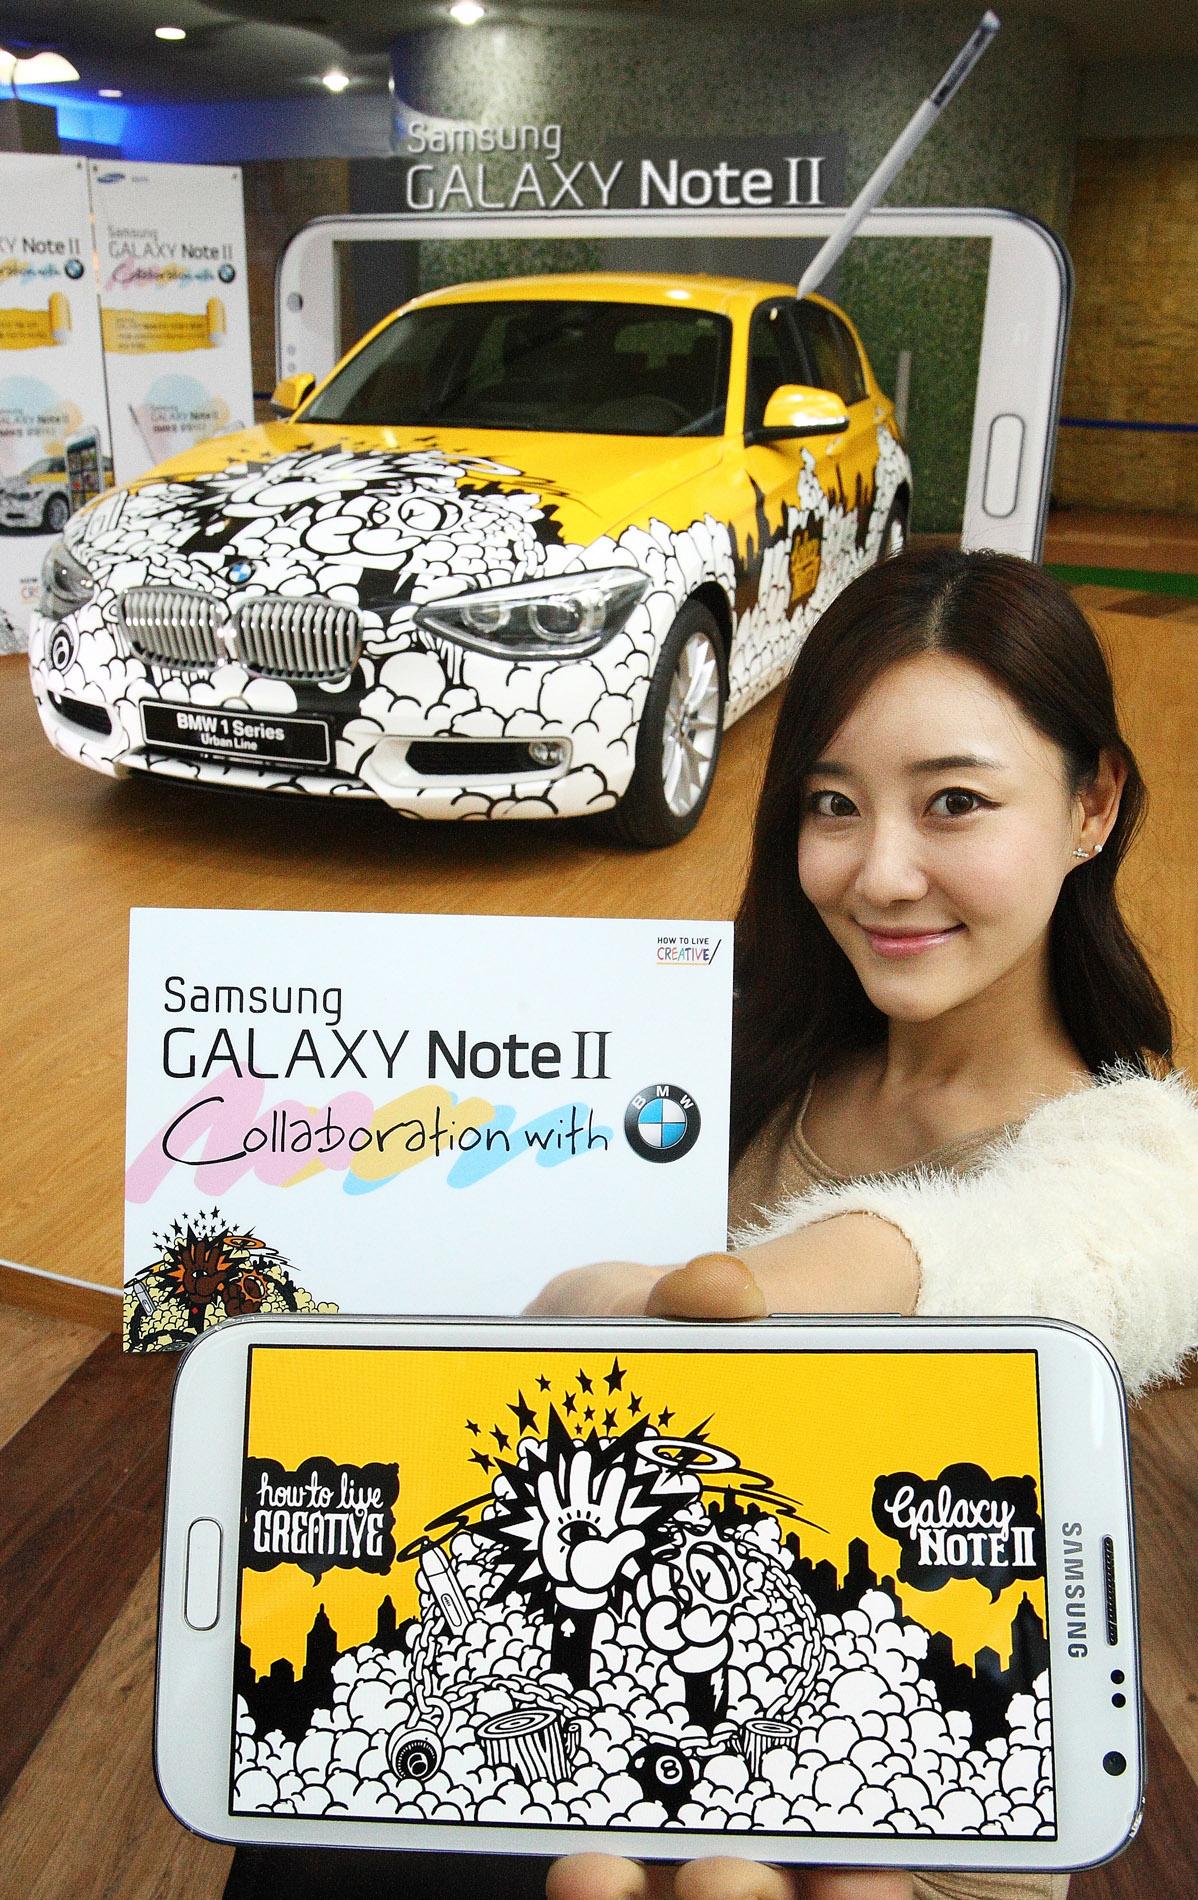 모델이 '갤럭시노트Ⅱ'로 디자인한 그림을 래핑한 BMW 1시리즈앞에서 갤럭시노트2를 들고 있다